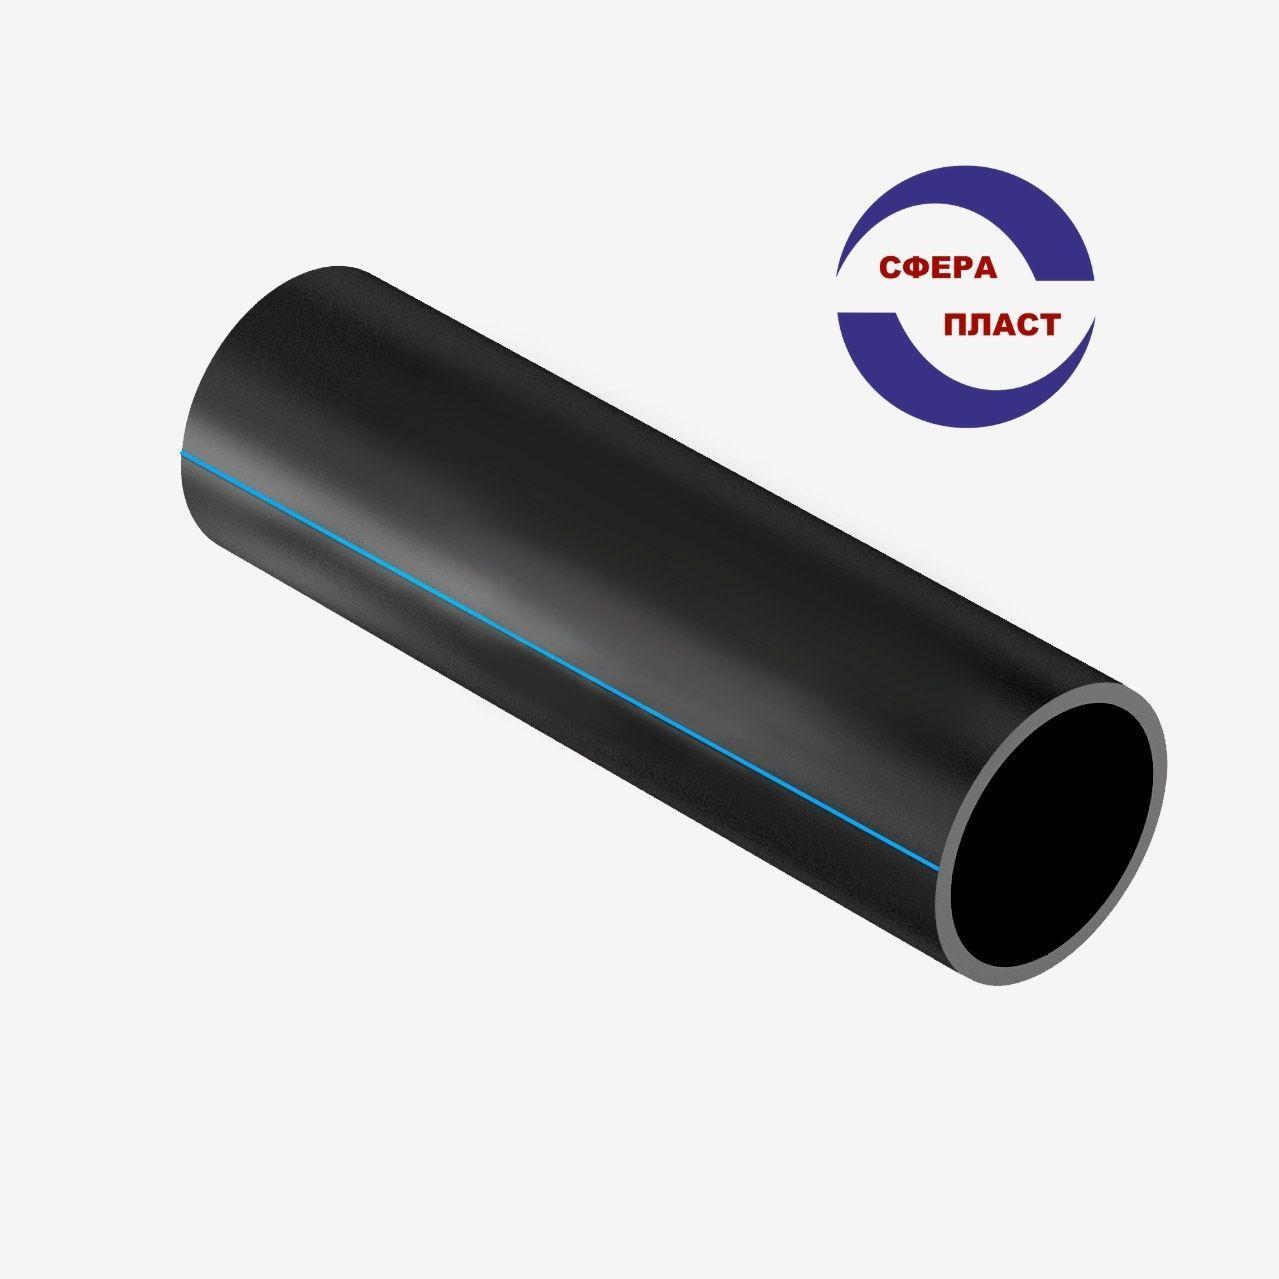 Труба Ду-280x13,4 SDR21 (8 атм)полиэтиленовая ПЭ-100